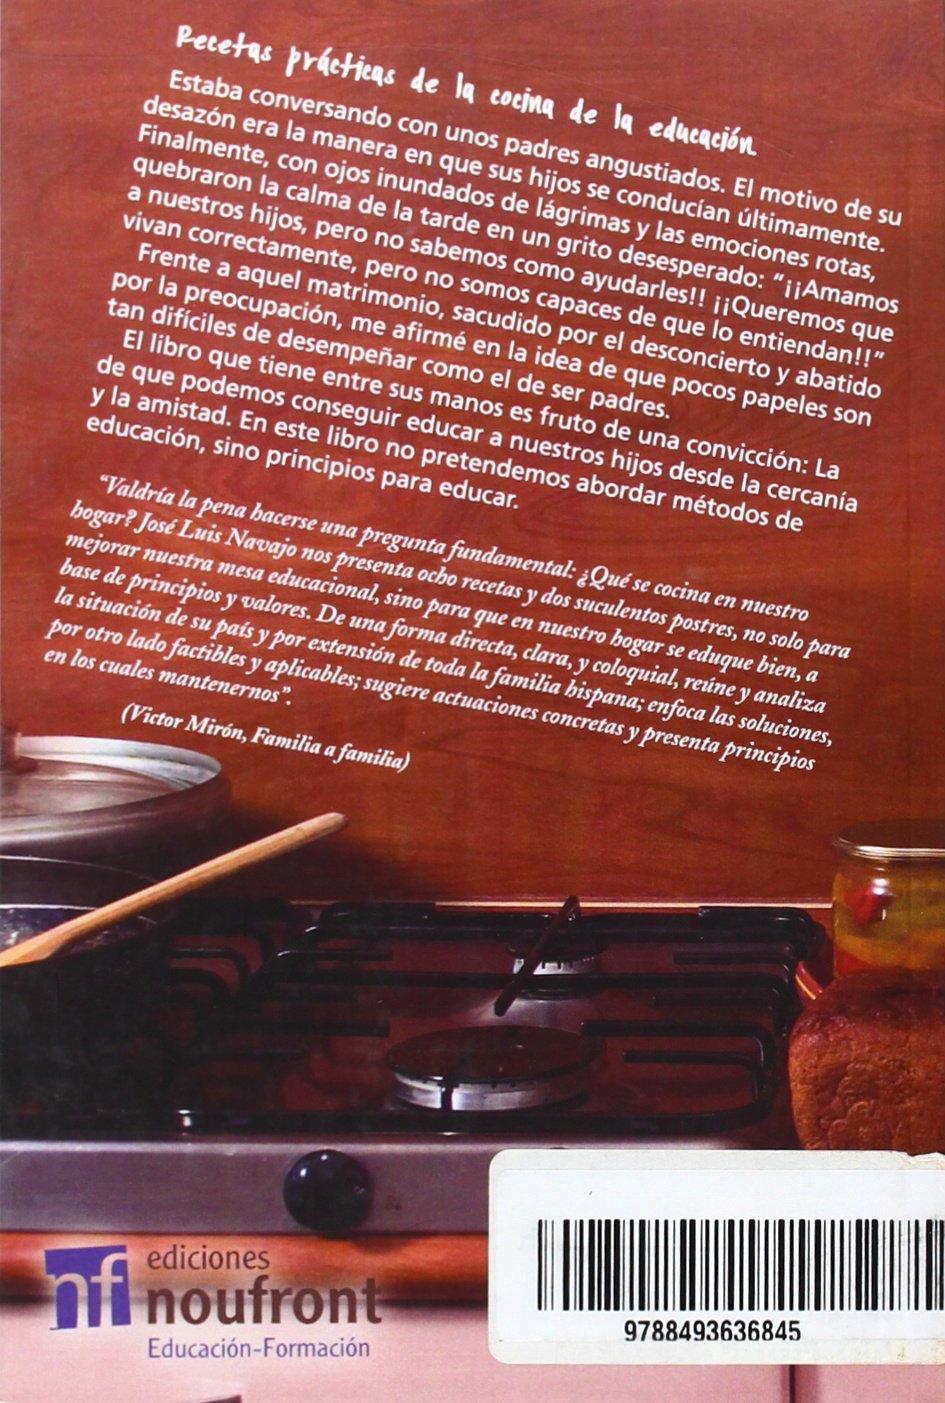 Eduquemos a nuestros hijos: Recetas prácticas de la cocina de la educación (Educacion-Formacion) (Spanish Edition): José Luis Navajo: 9788493636845: ...